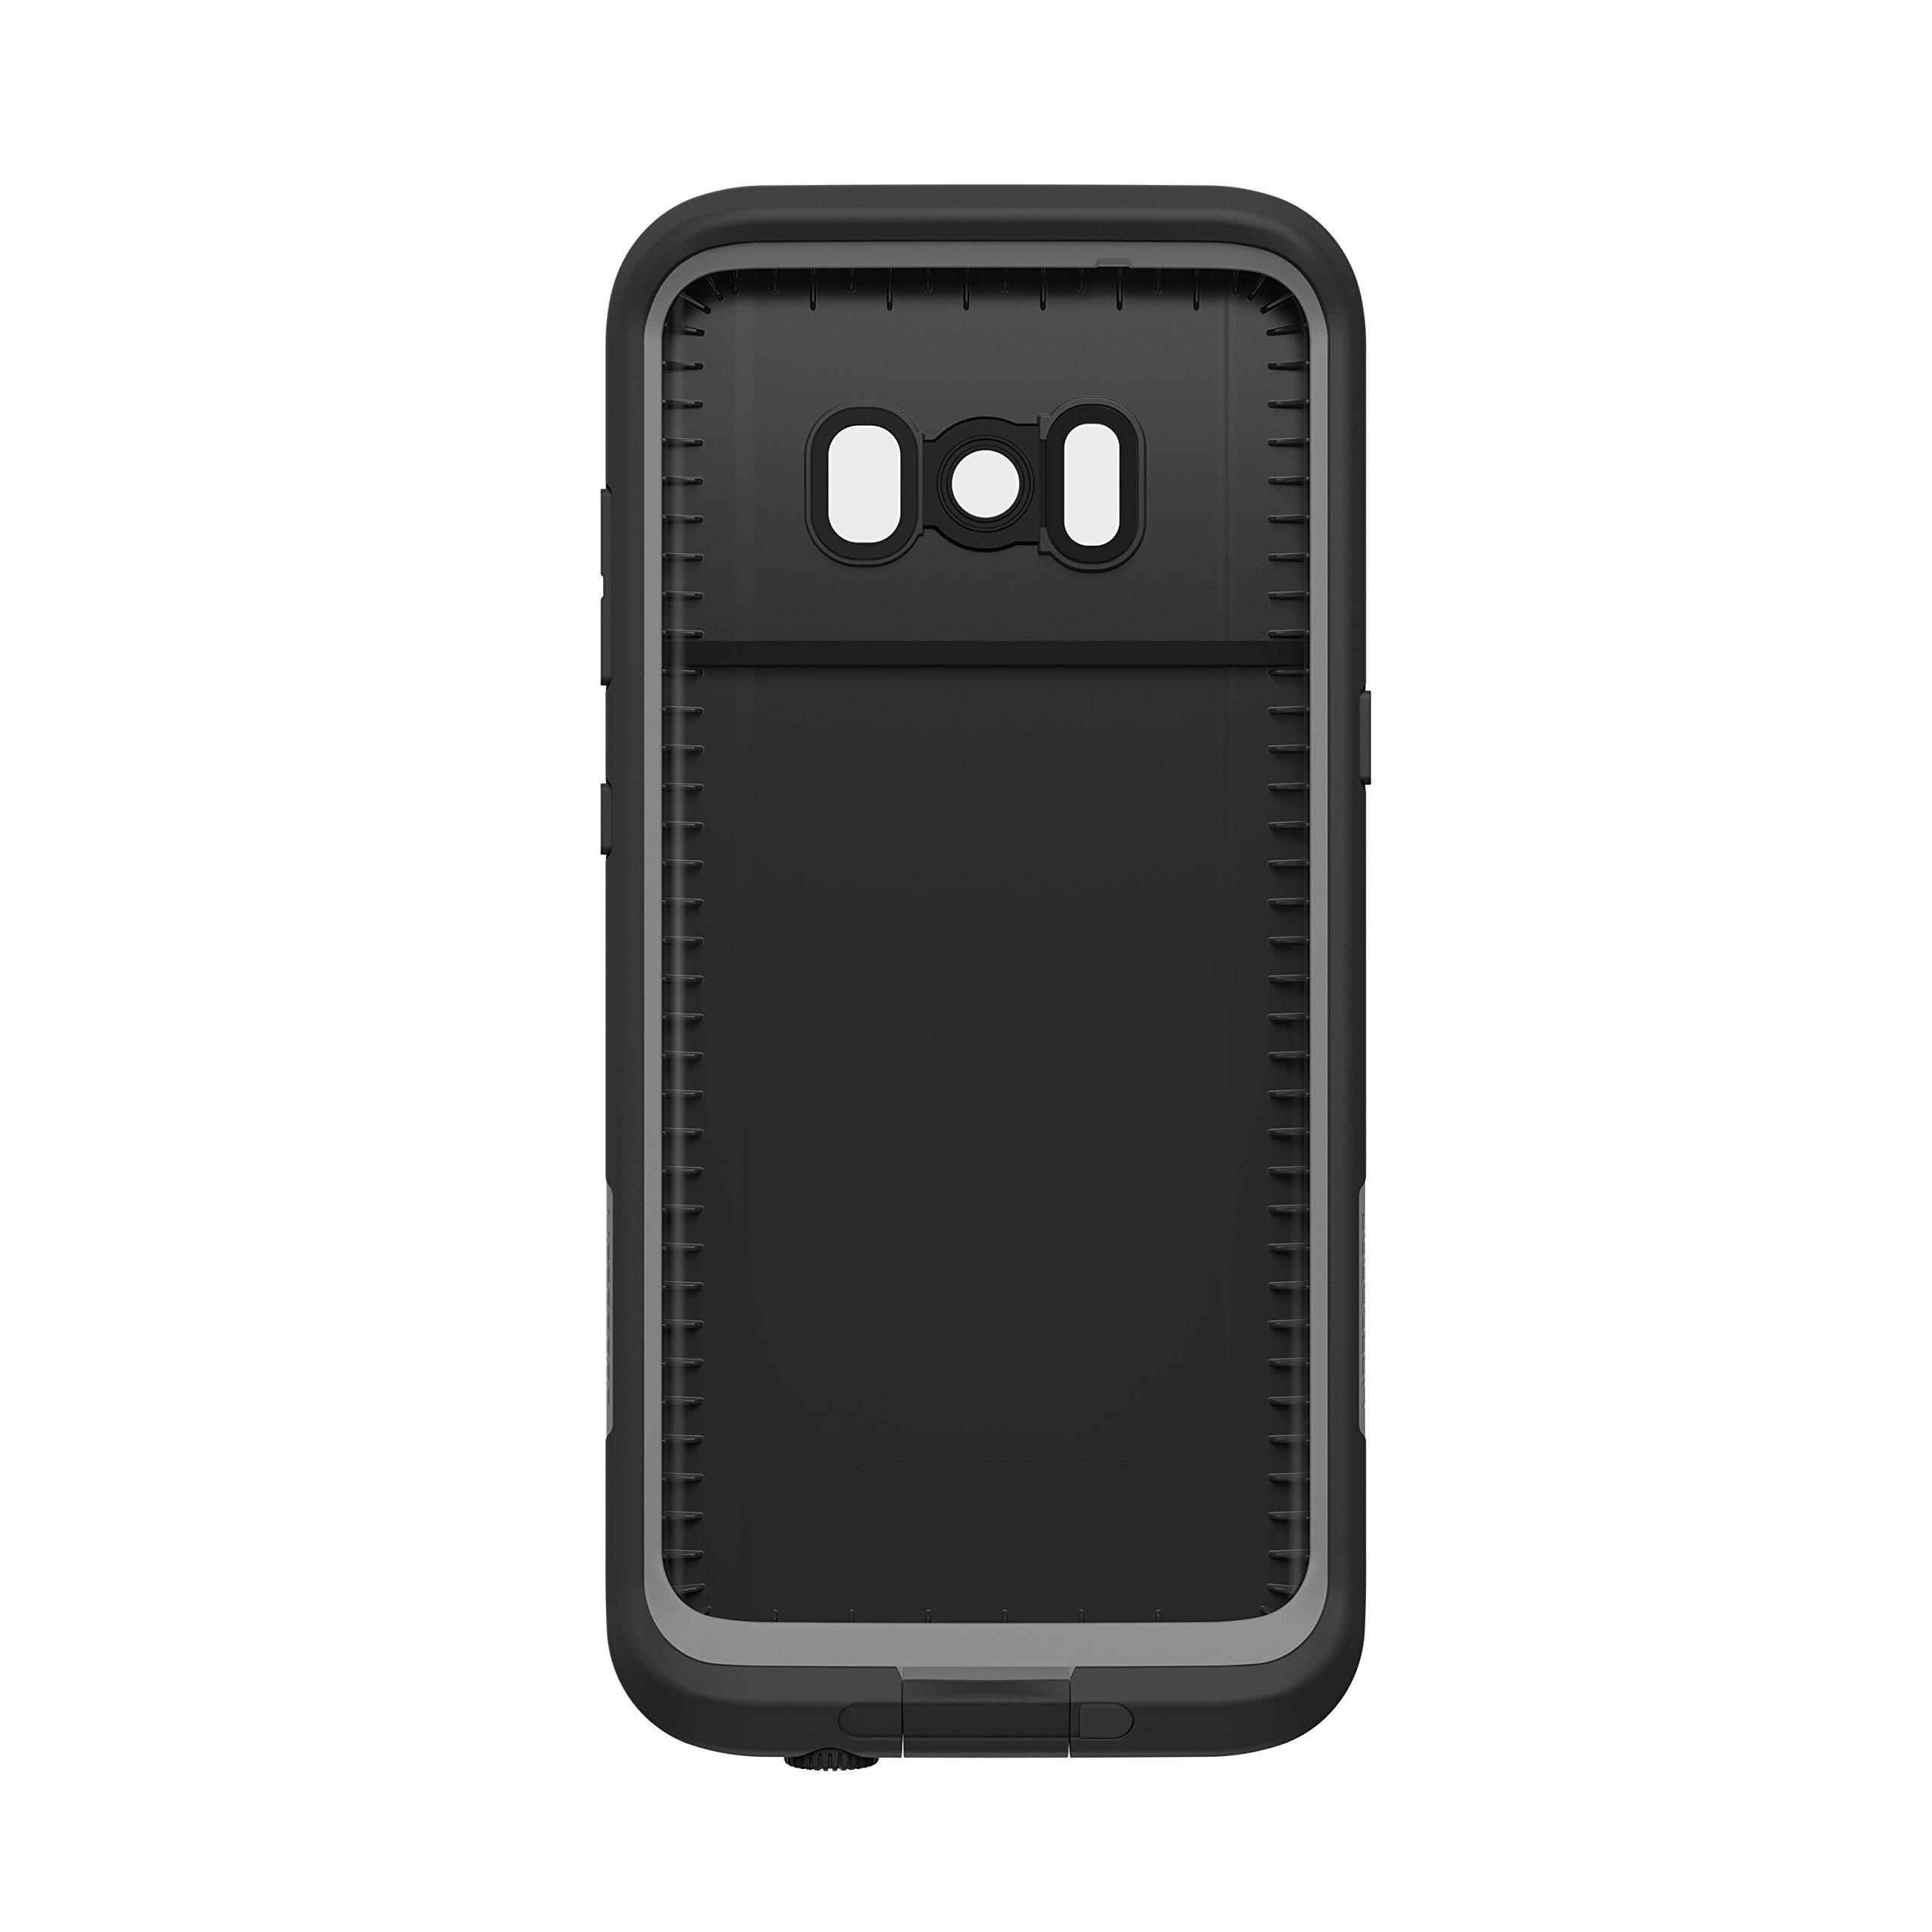 Lifeproof FRĒ SERIES Waterproof Case for Samsung Galaxy S8 (ONLY) - Retail Packaging - ASPHALT (BLACK/DARK GREY) by LifeProof (Image #4)